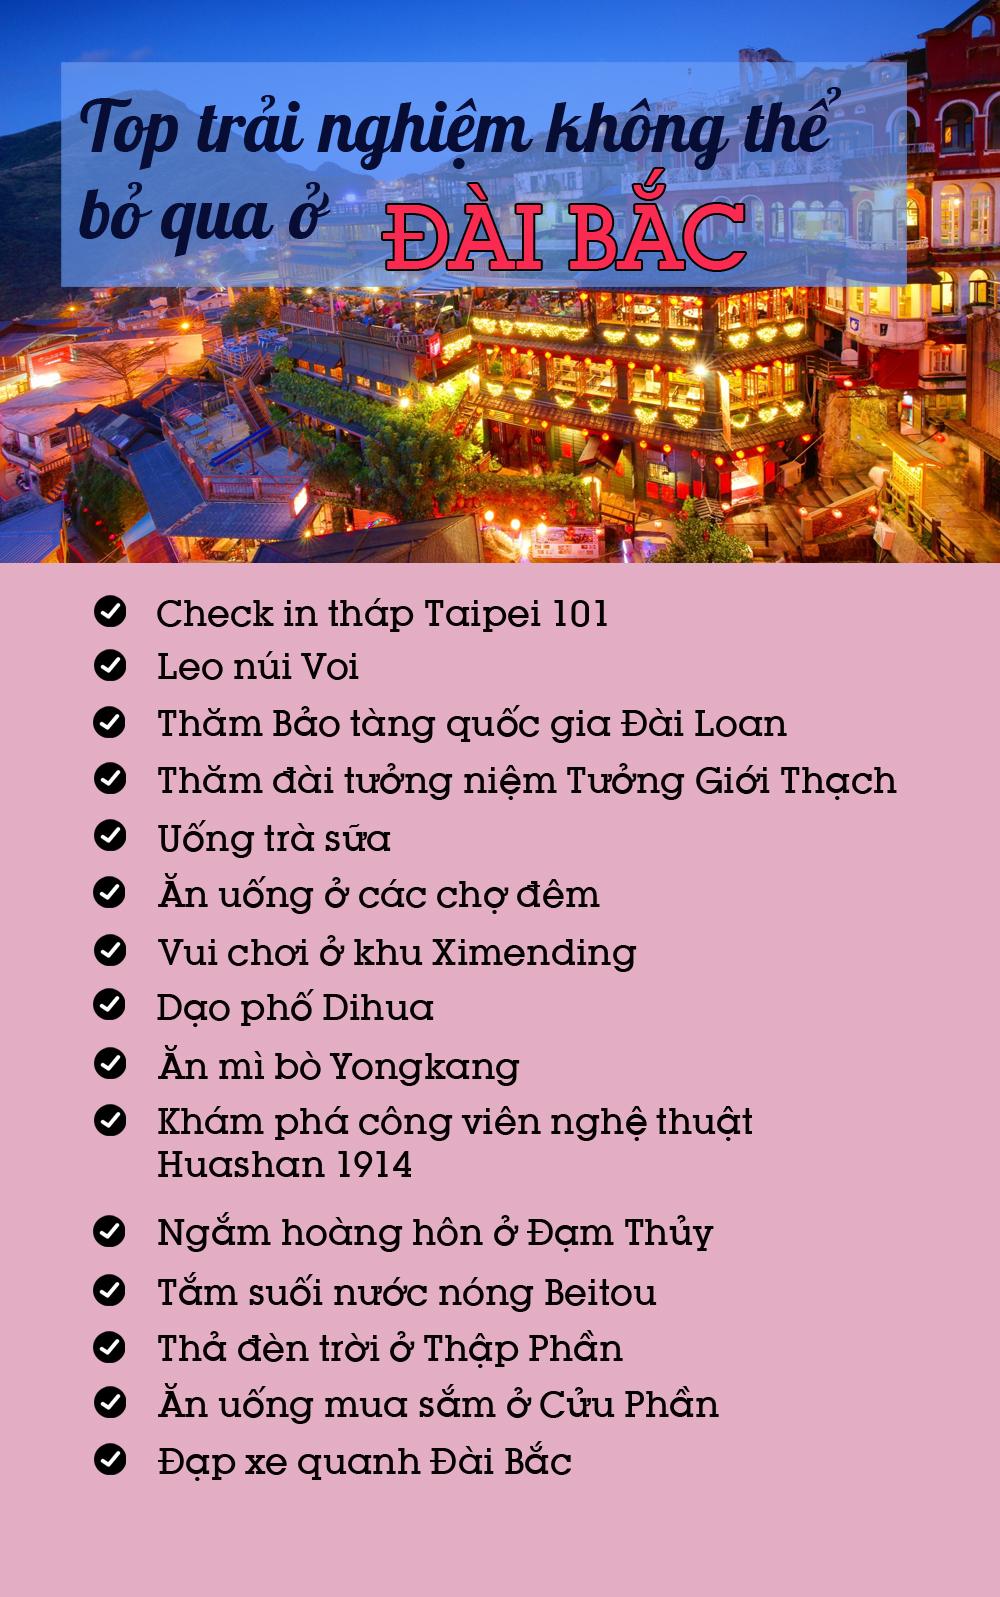 15 trải nghiệm không thể bỏ qua ở Đài Bắc